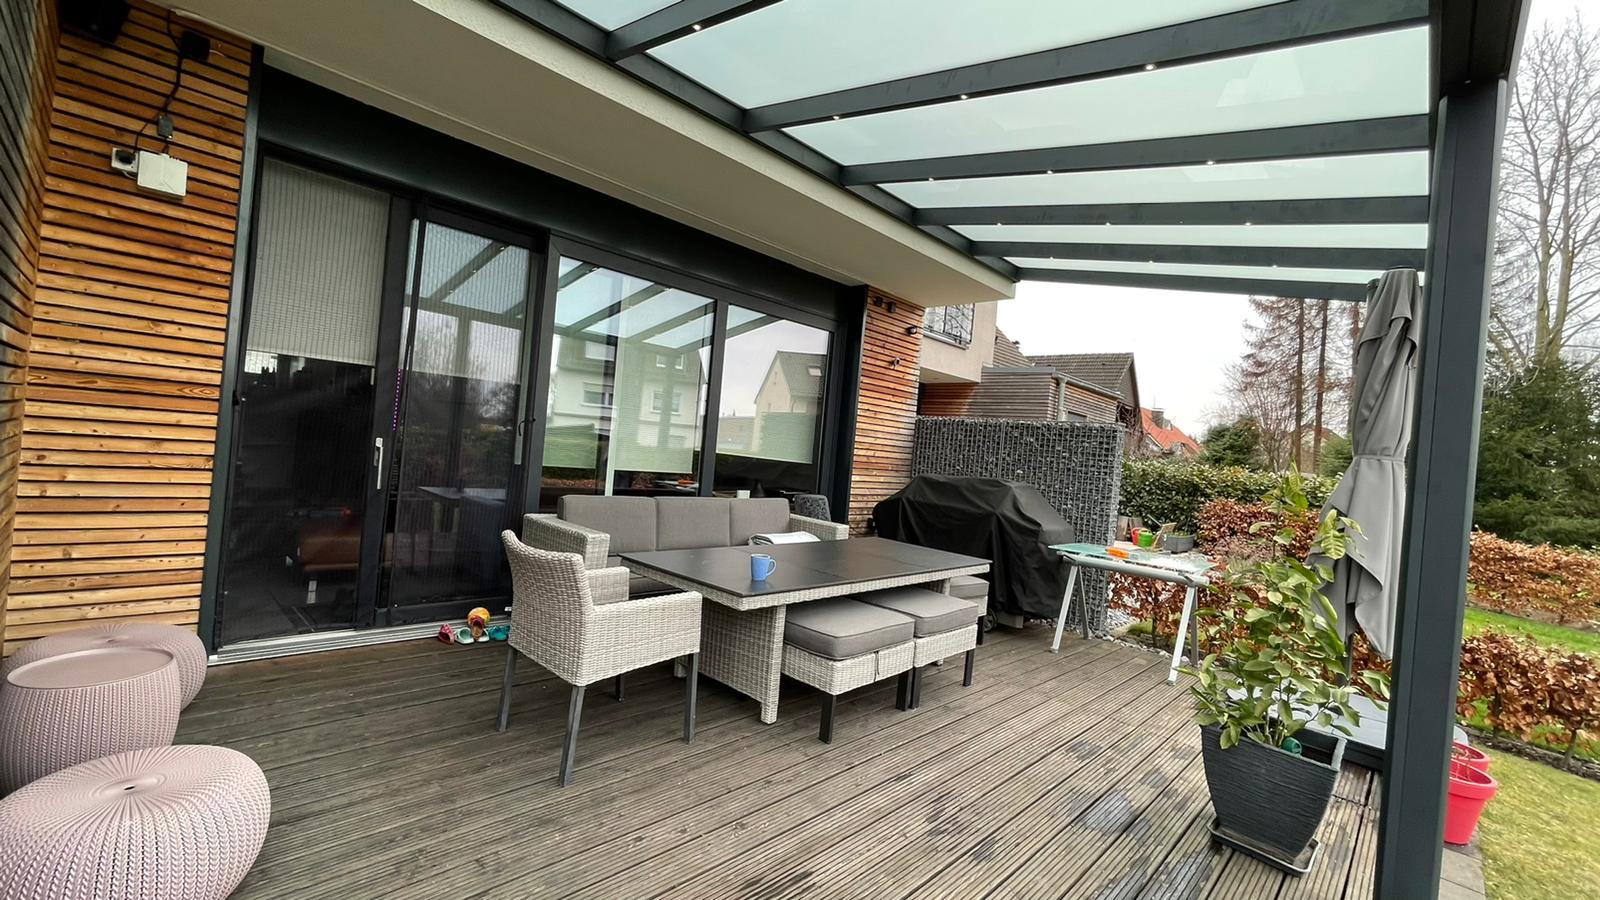 Terrassenüberdachung inkl. LED – Referenz aus Werl (Kreis Soest)